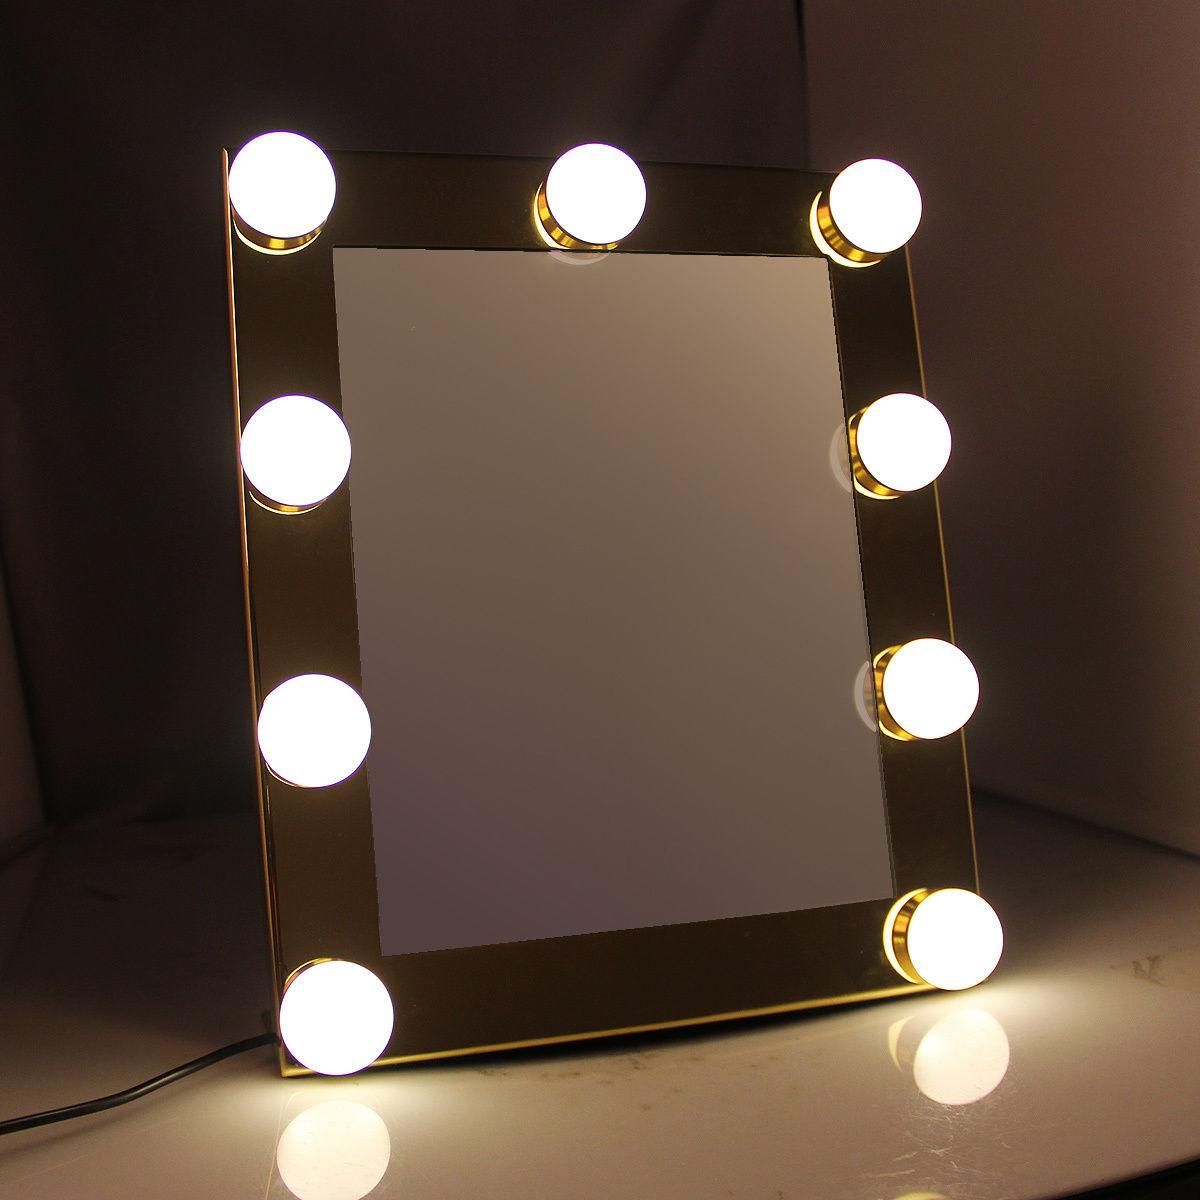 Schönheit & Gesundheit Haut Pflege Werkzeuge 4 Led-lampen Spiegel Hollywood Eitelkeit Make-up Front Spiegel Lichter Led Lampe Kit Scheinwerfer Super-brilliant Kit Diy Make-up Lampe 1